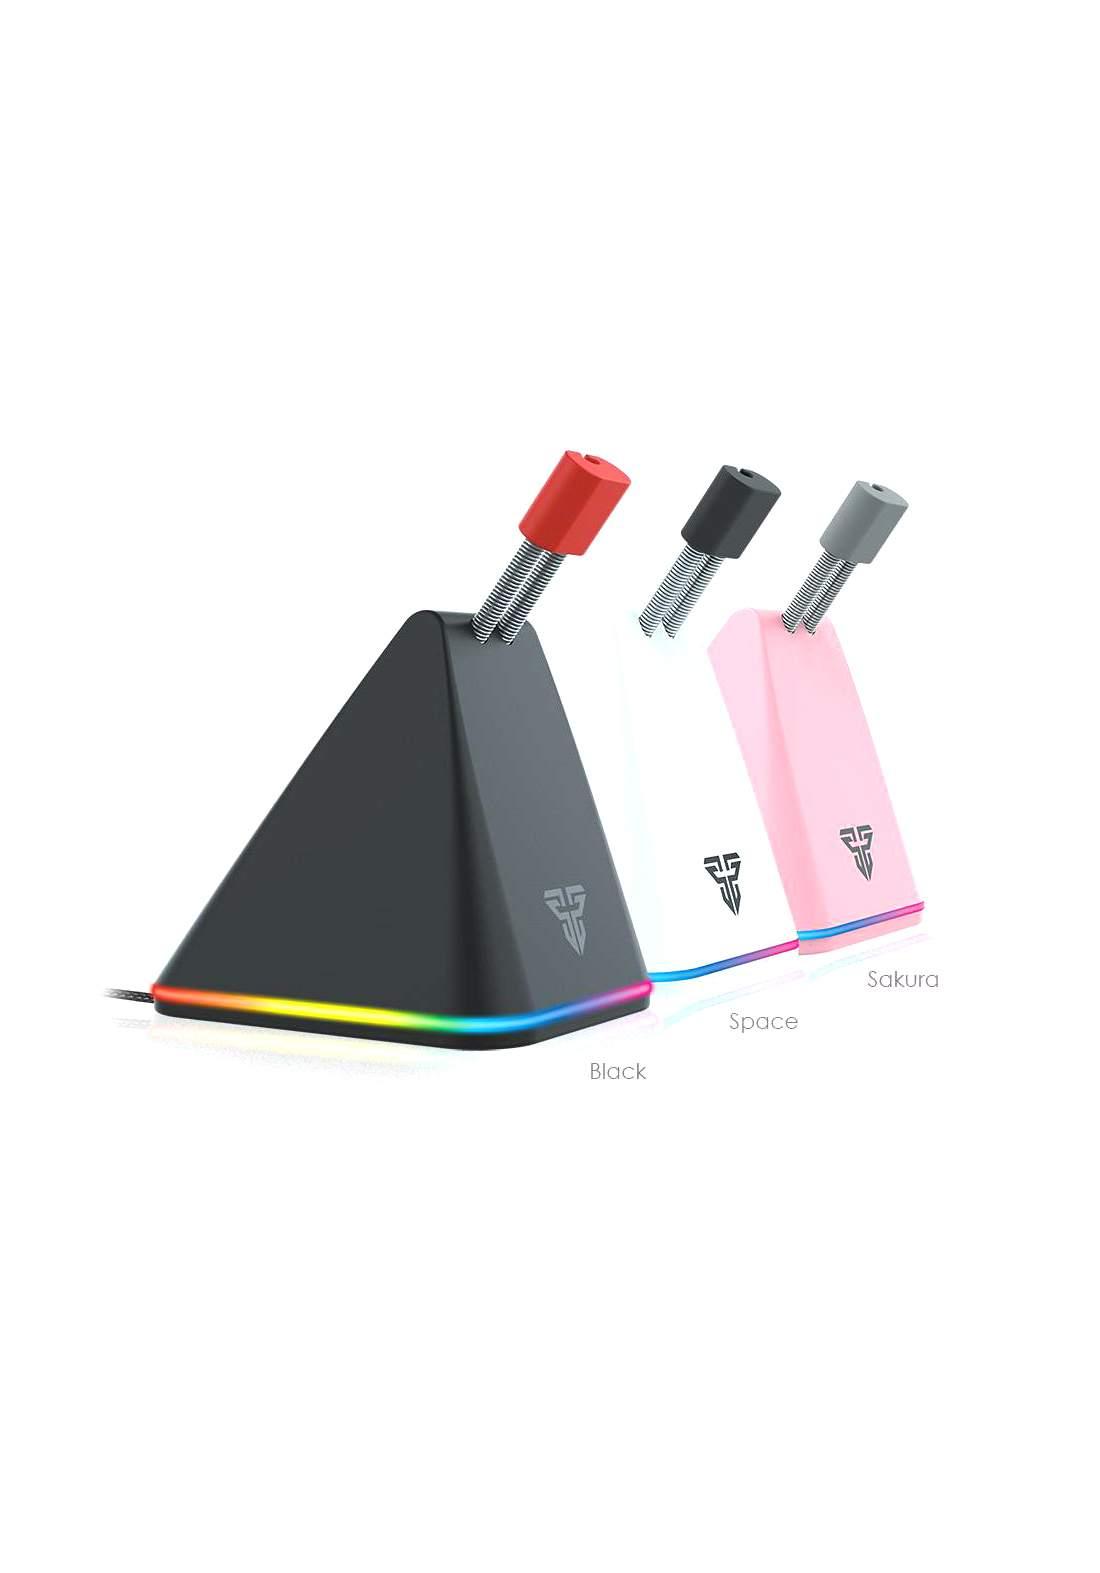 Fantech MBR01 Prisma+ RGB Mouse Bungee Mouse Cable Management